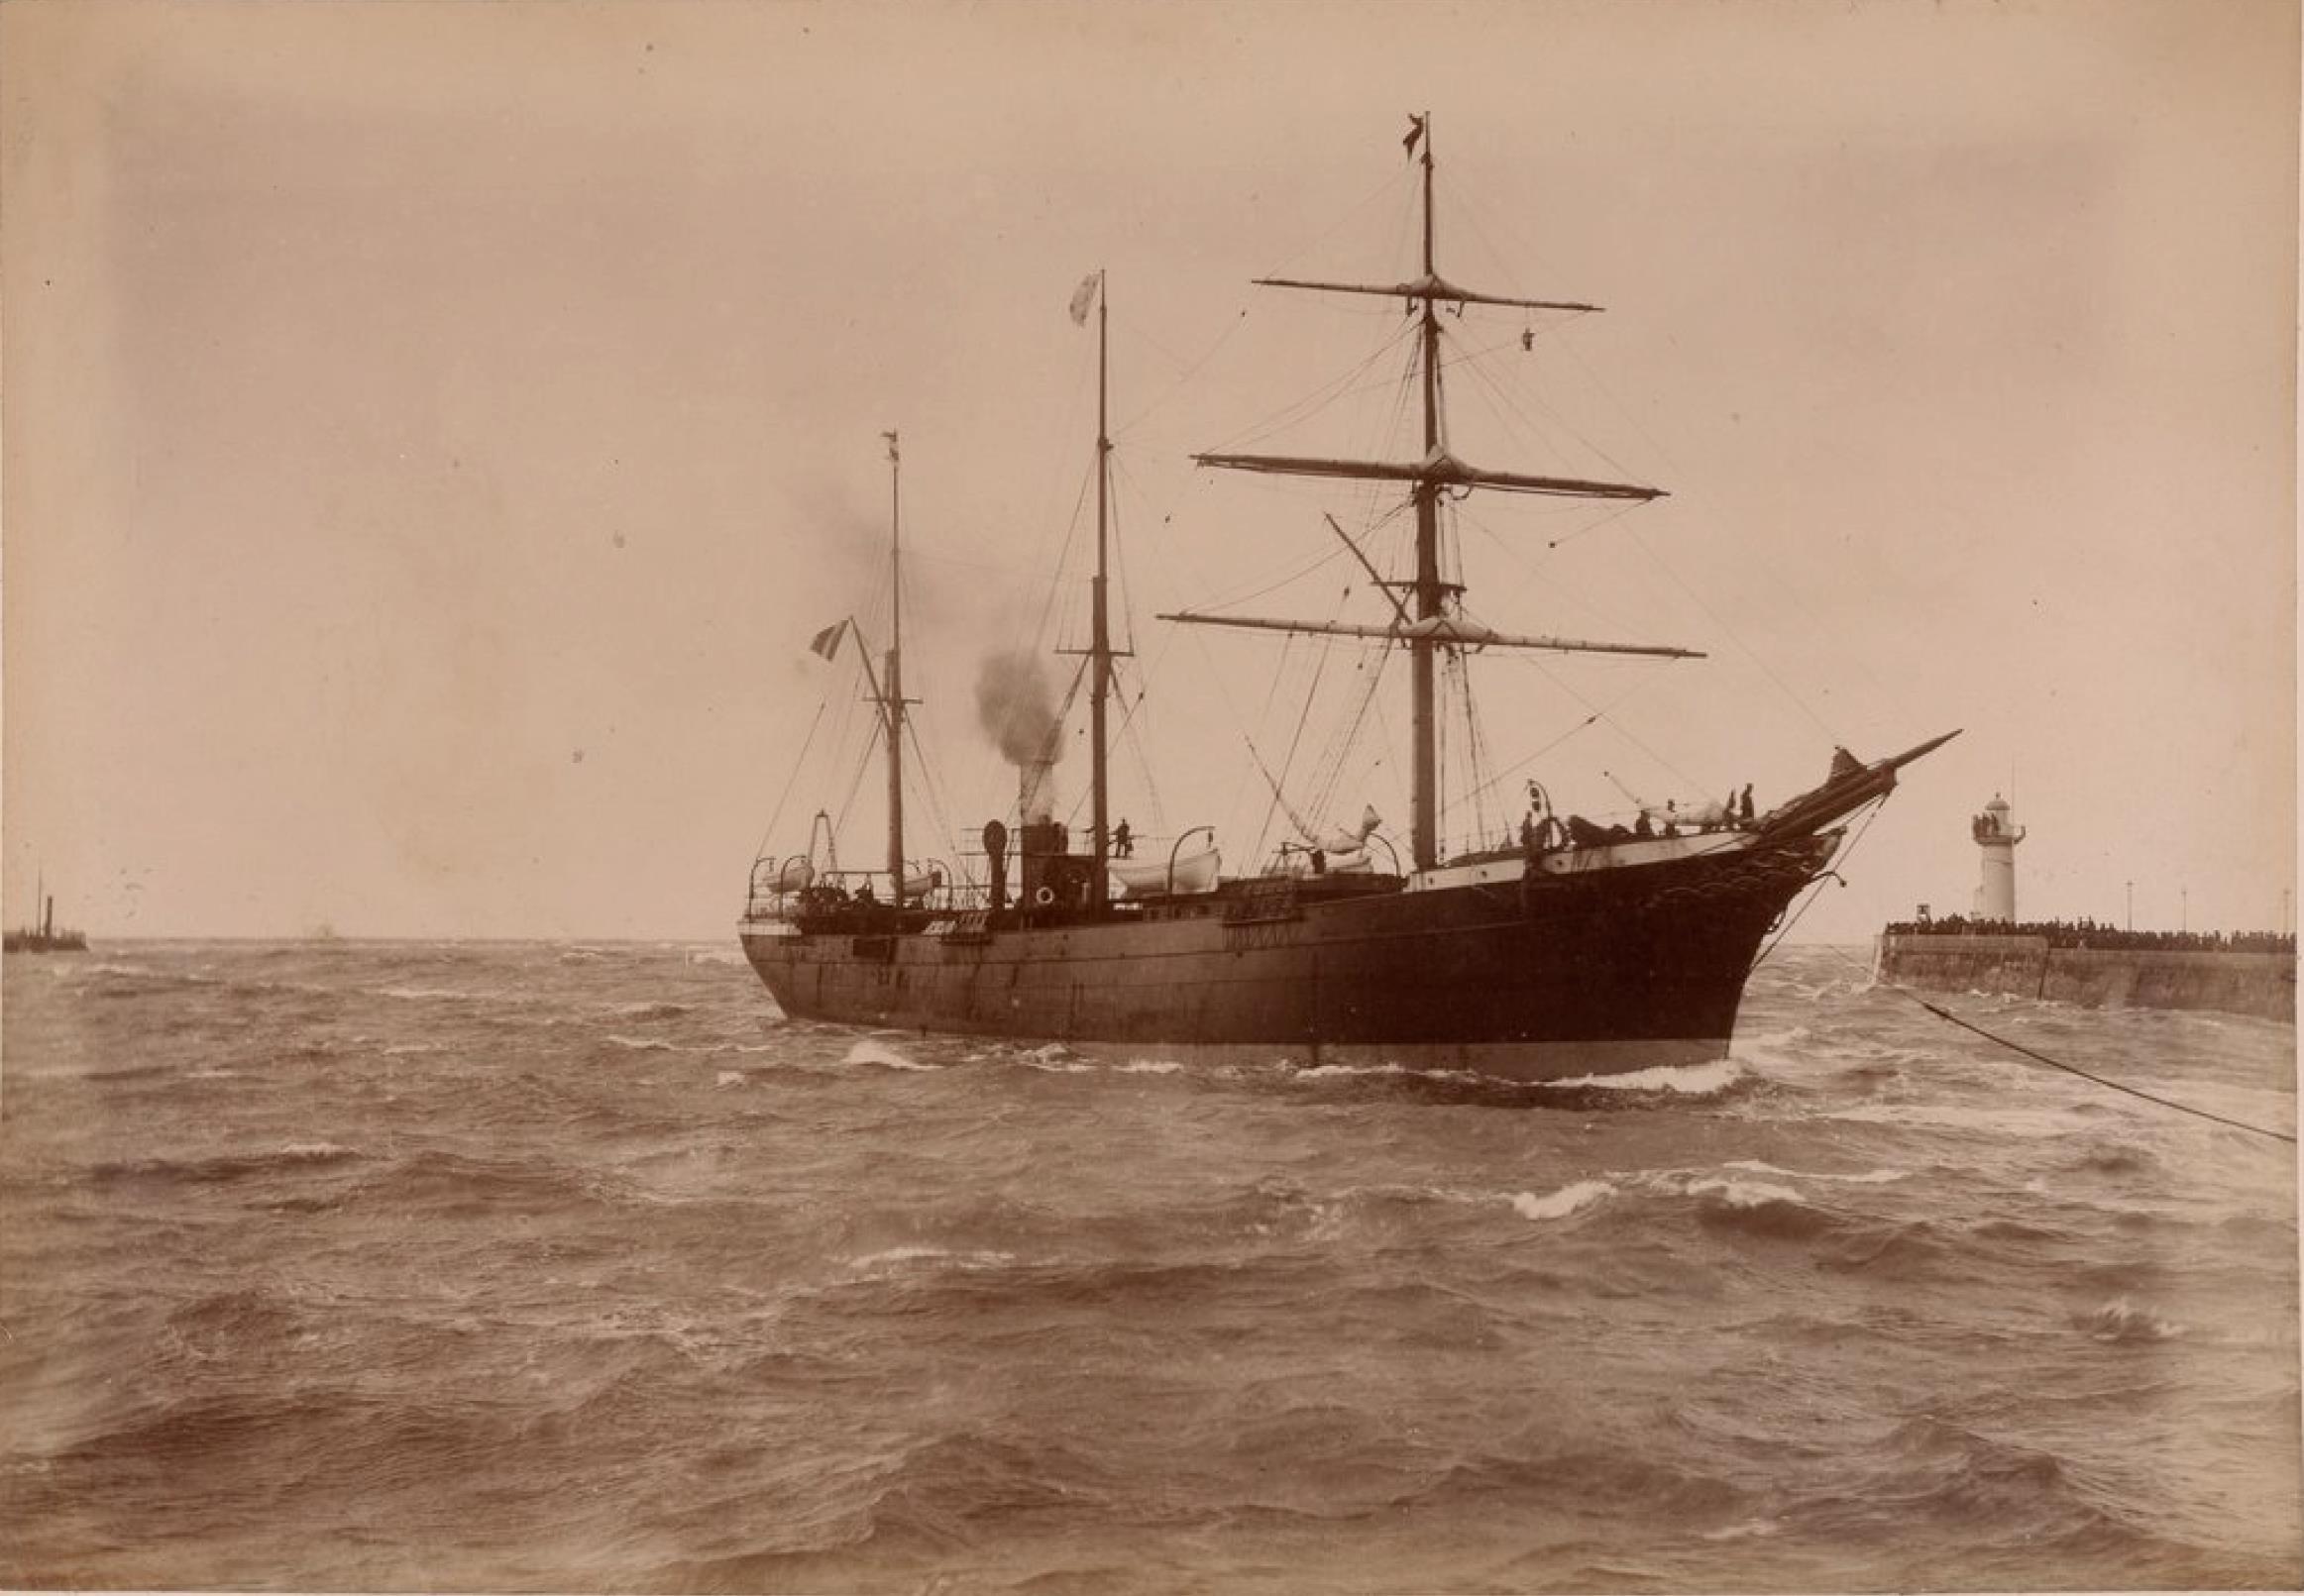 Компания «Chargeurs Reunis». Гавр. Пассажирское судно «Рио-де-Жанейро». Линия Гавр - Южная Америка. В субботу 7 мая 1886 года в полдень на обратном пути из Америки столкнулся с почтовым с